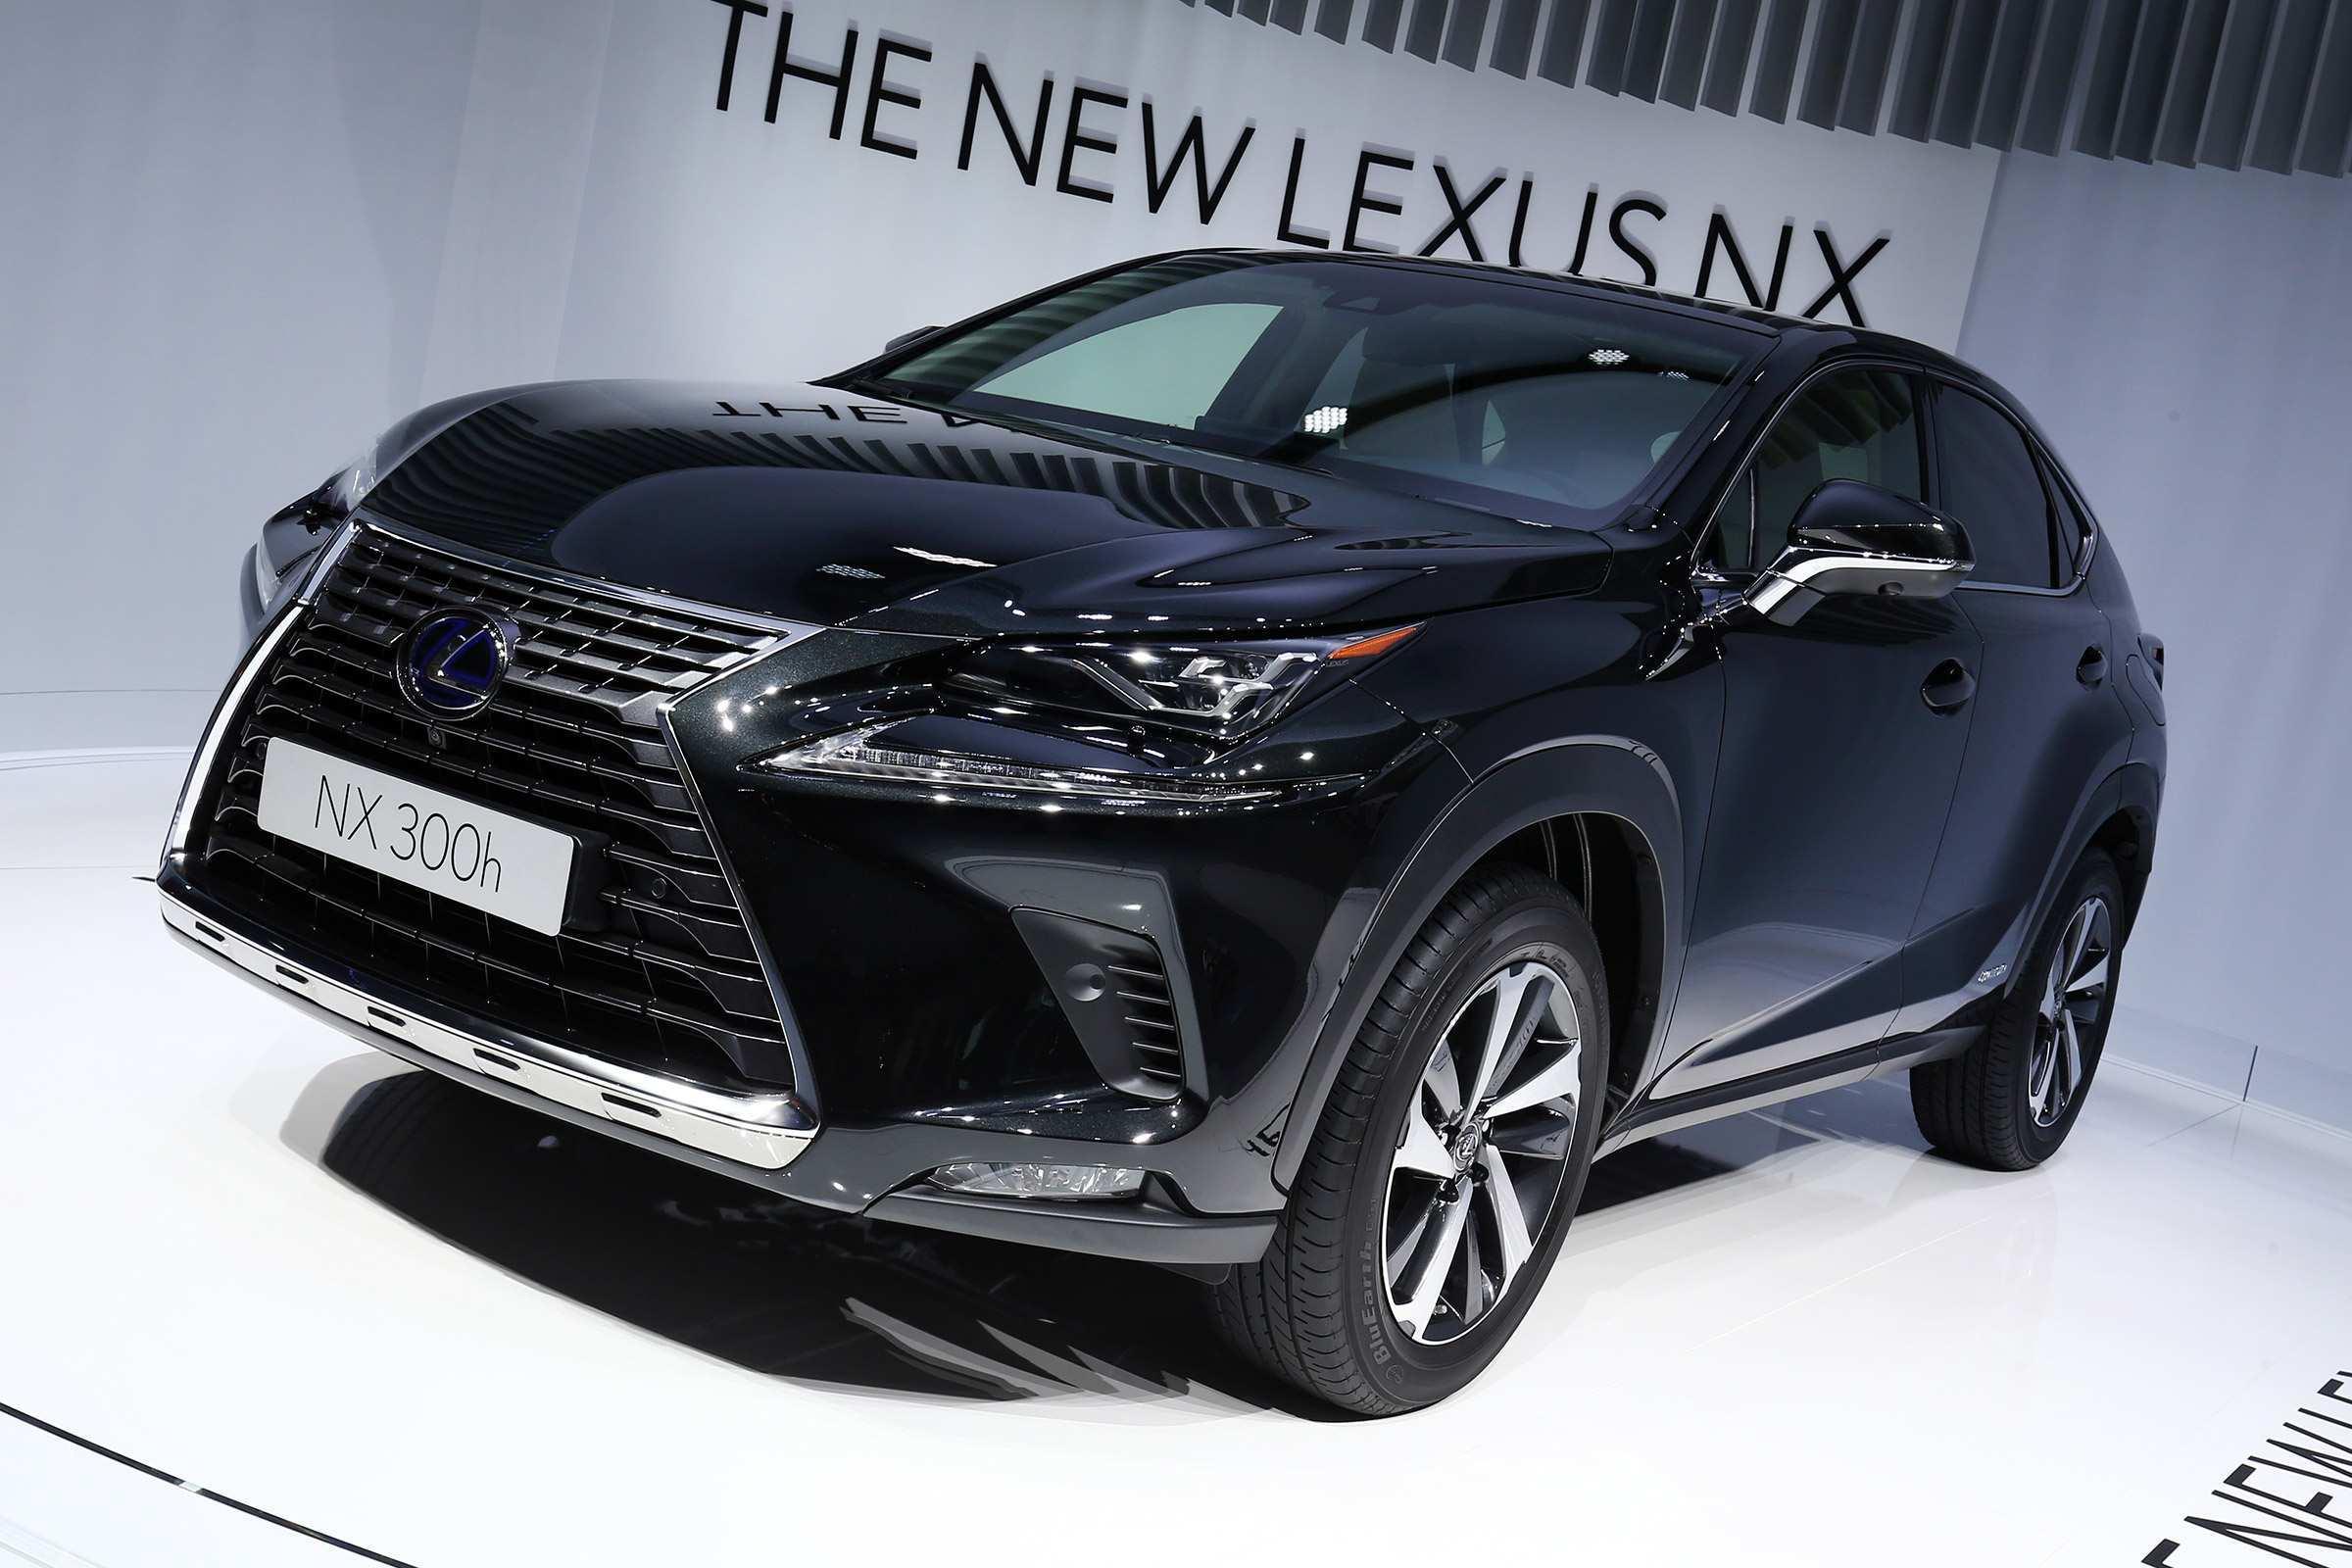 43 Great Nowy Lexus Nx 2019 Release for Nowy Lexus Nx 2019